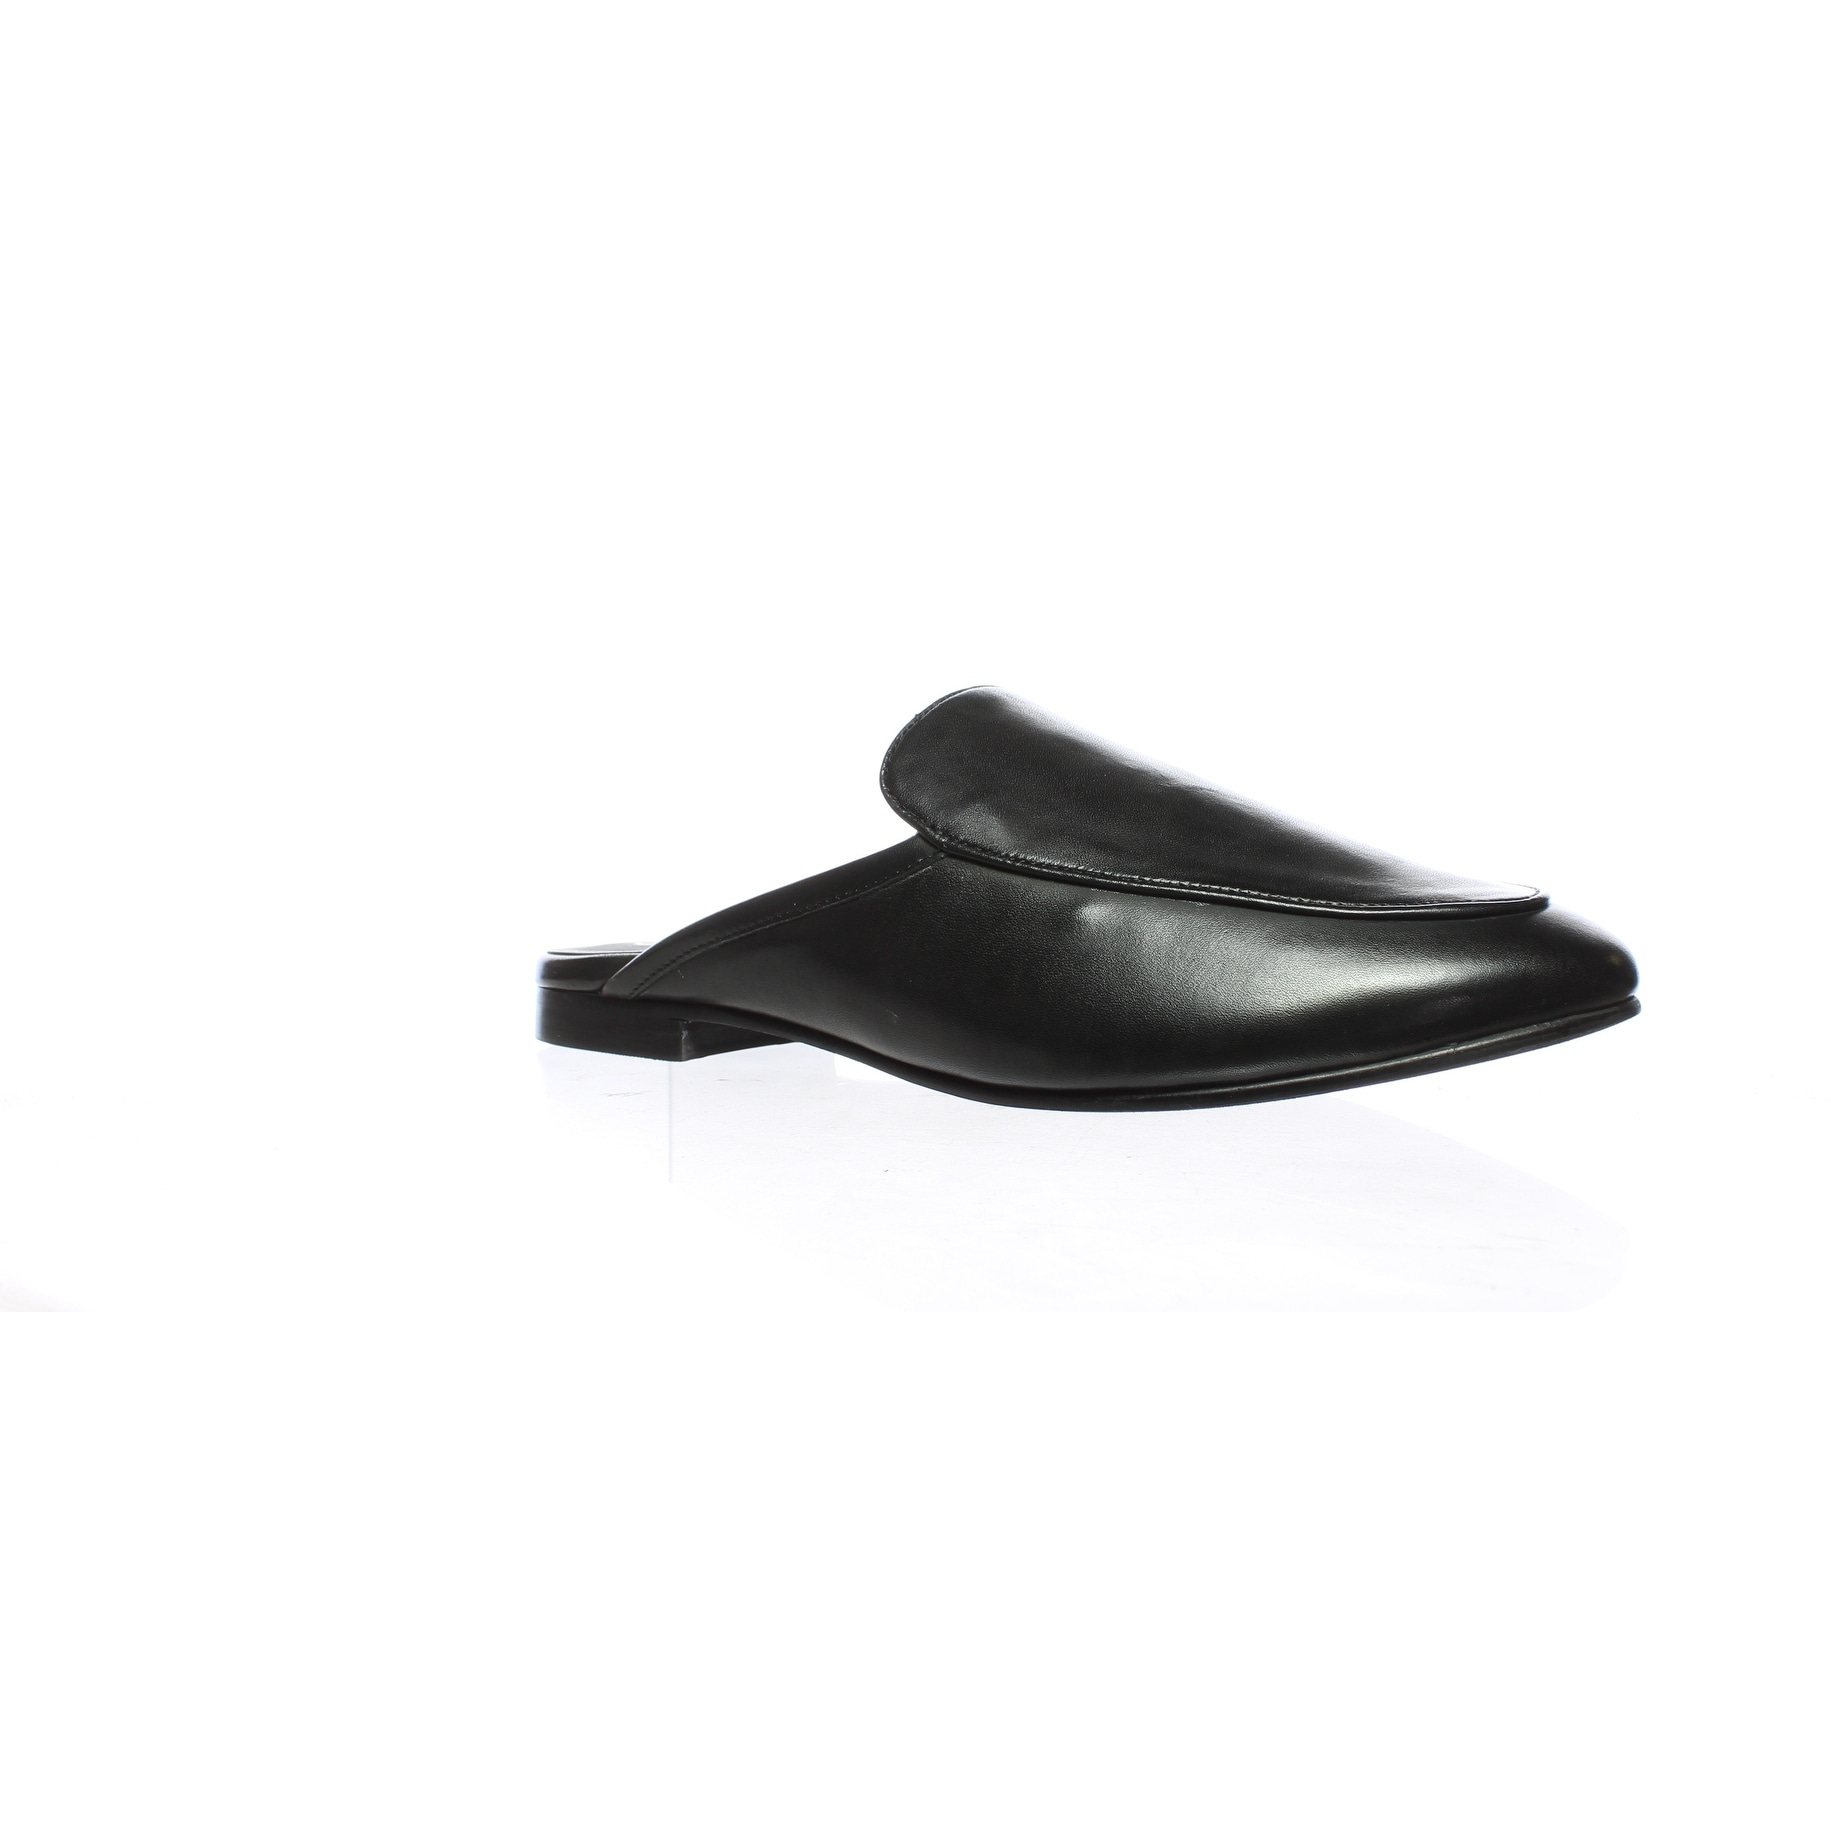 c7d778e6b8082 Black Seychelles Shoes | Shop our Best Clothing & Shoes Deals Online ...